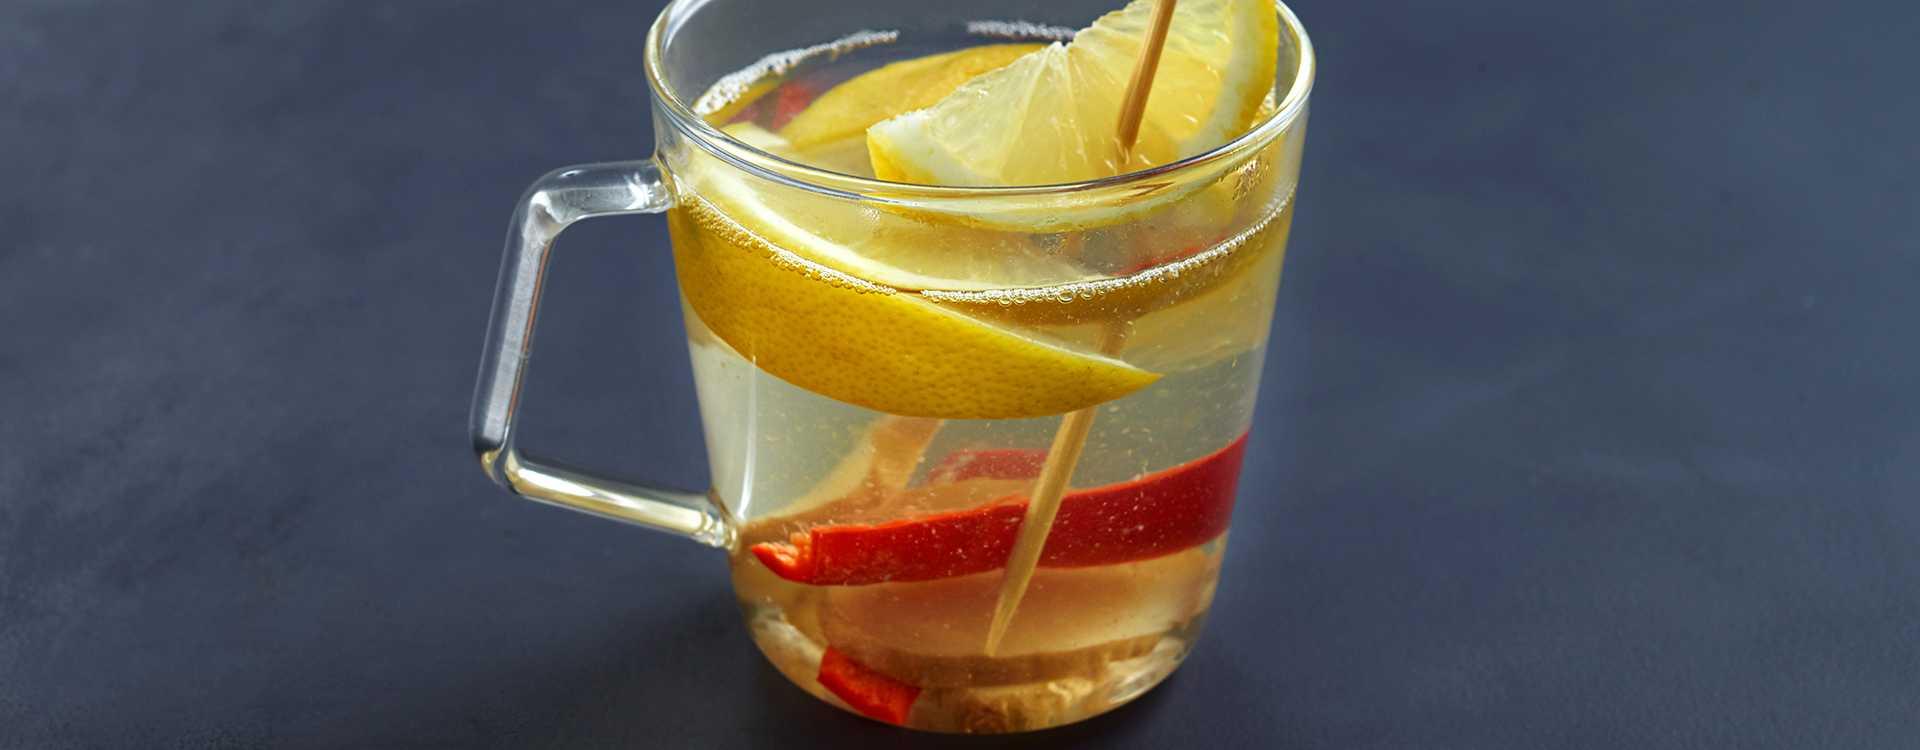 Varm sitrondrikk med ingefær og chili